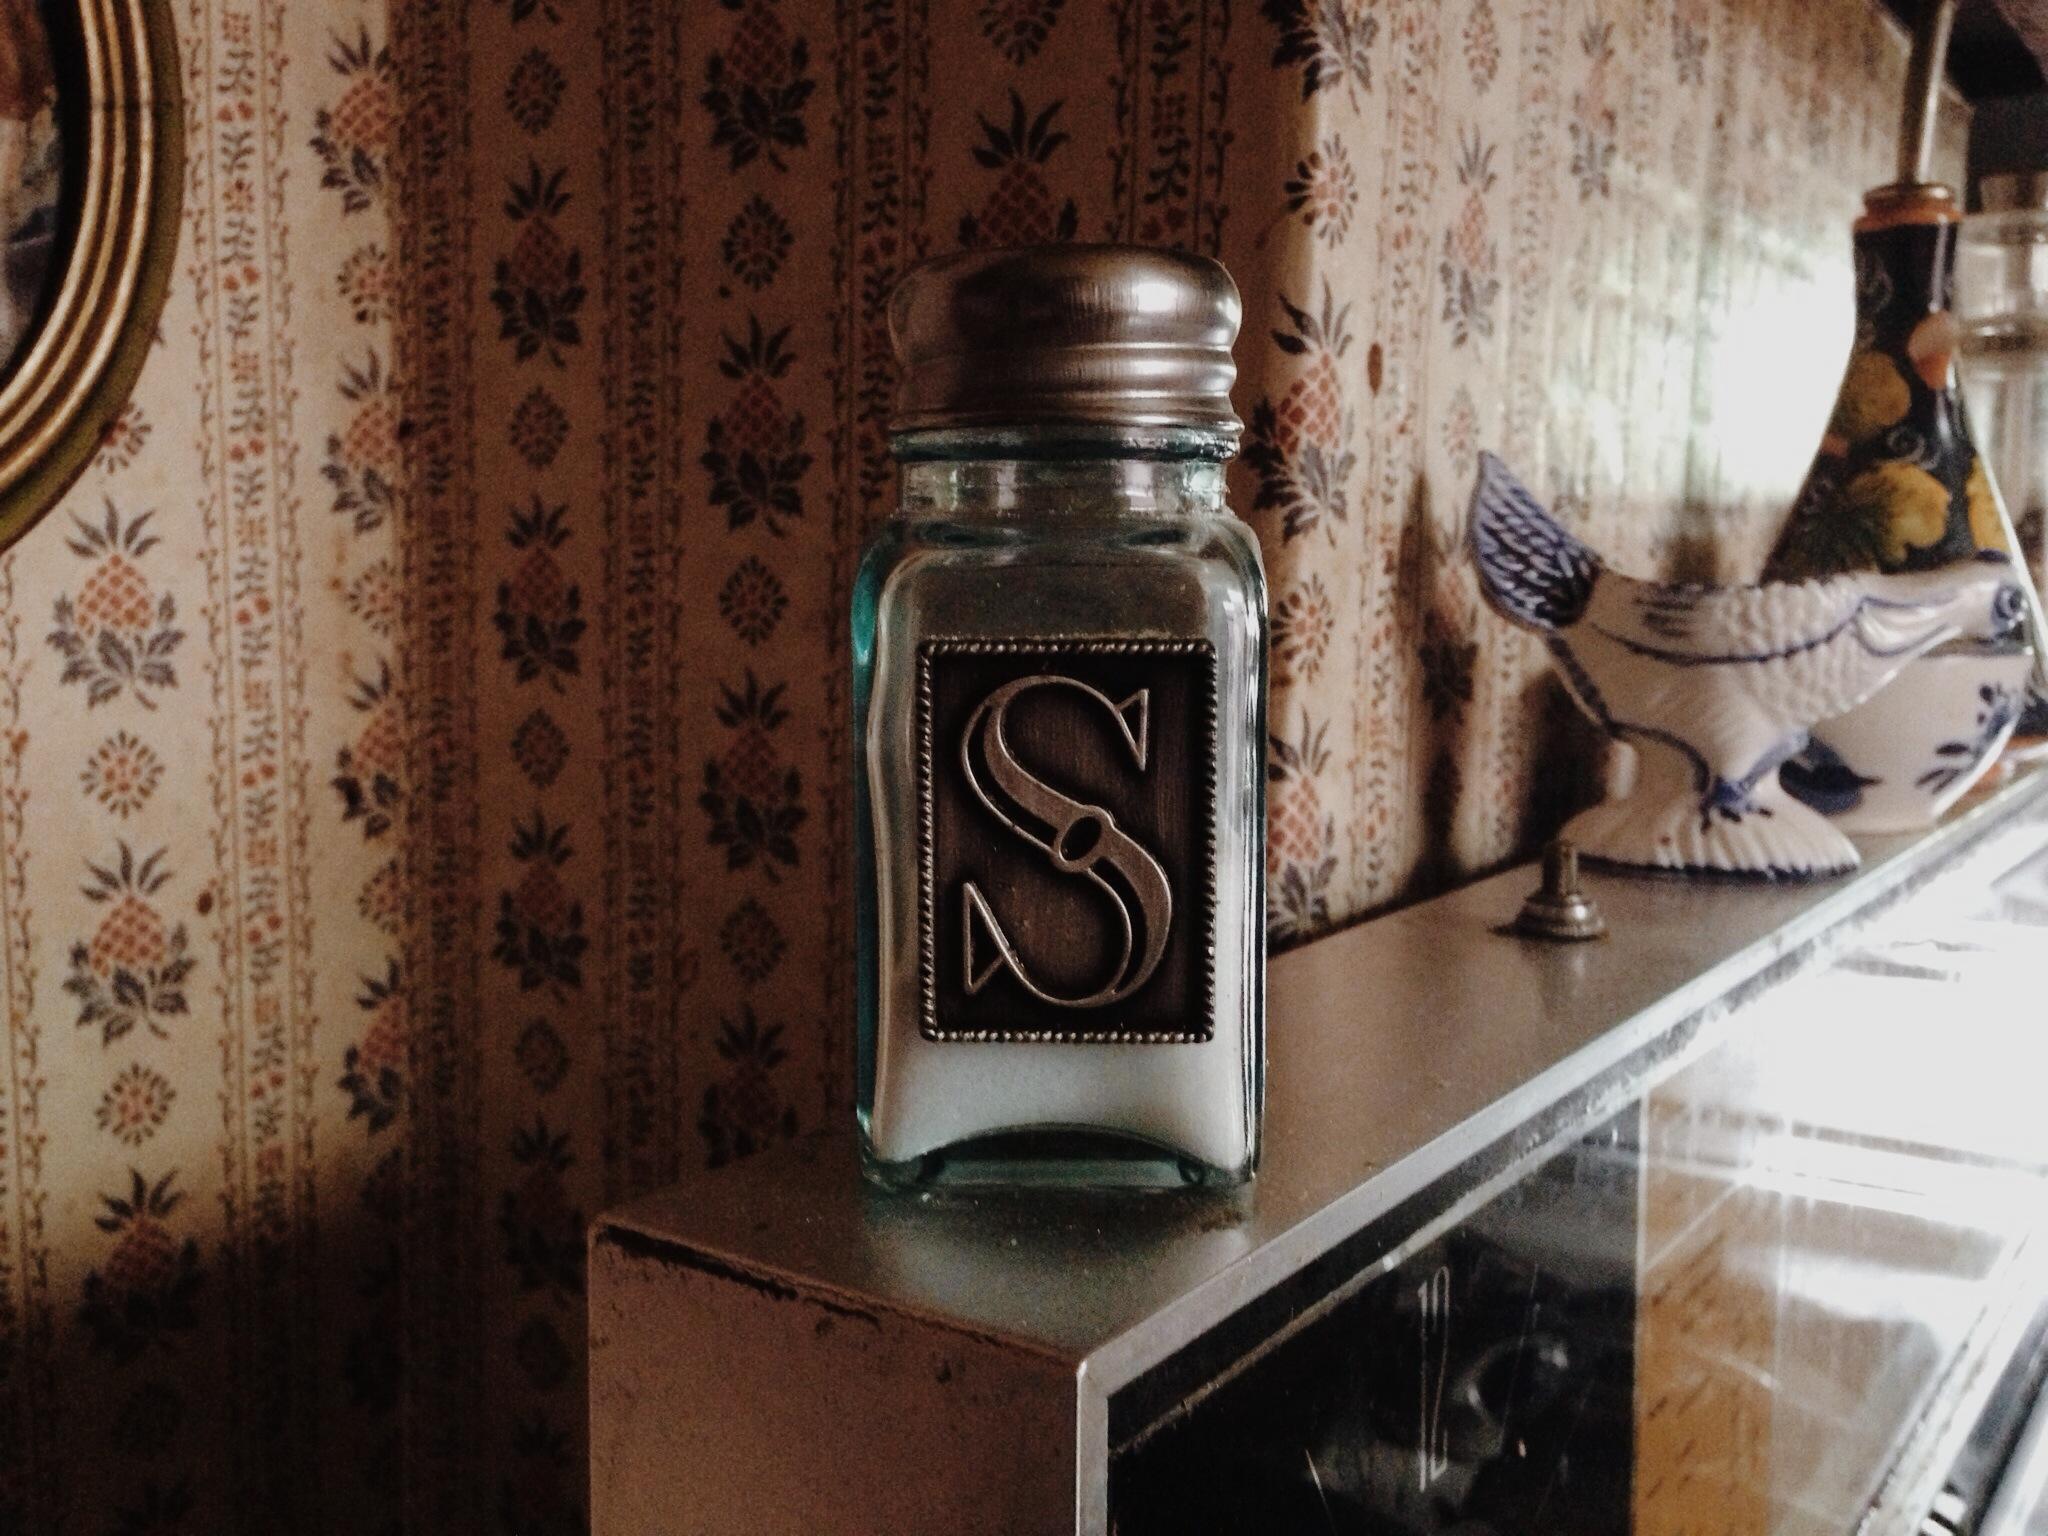 jimmy's salt shaker